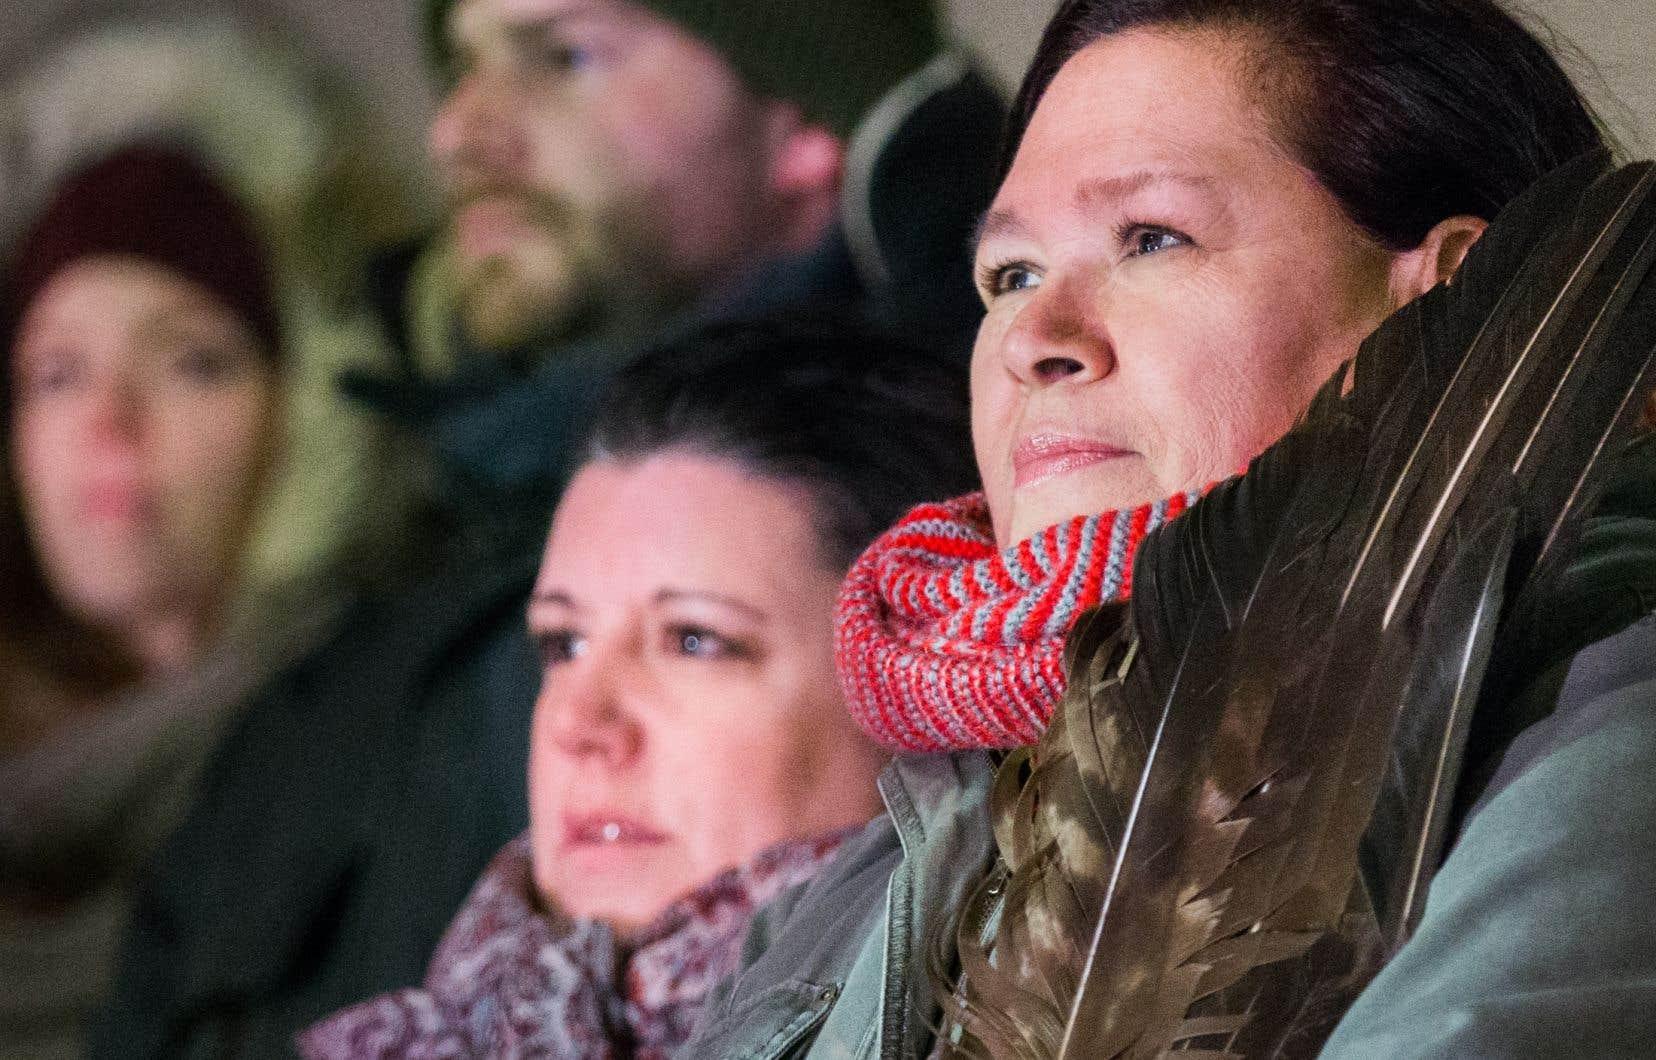 Une vigile en soutien aux femmes autochtones  de Val-d'Or. Selon la chercheuse,  les questions  de droits fondamentaux,  le respect et la dignité doivent redevenir les points centraux du discours.